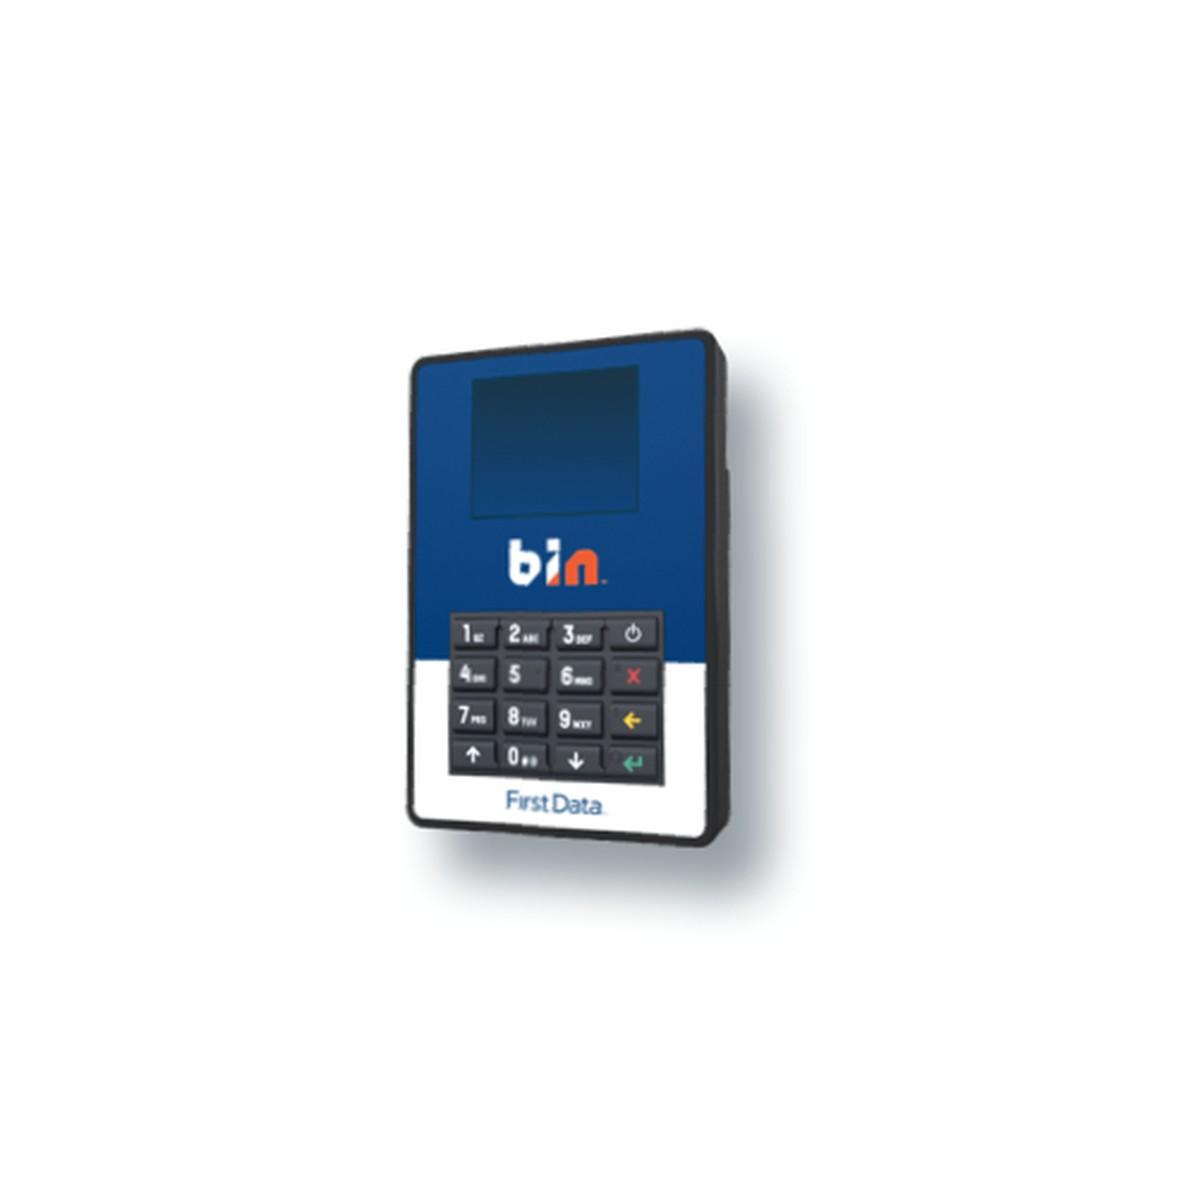 87cf4554199f Máquina de cartão Bin é boa? Veja como funciona, taxas e bandeiras    Máquinas de cartão   TechTudo